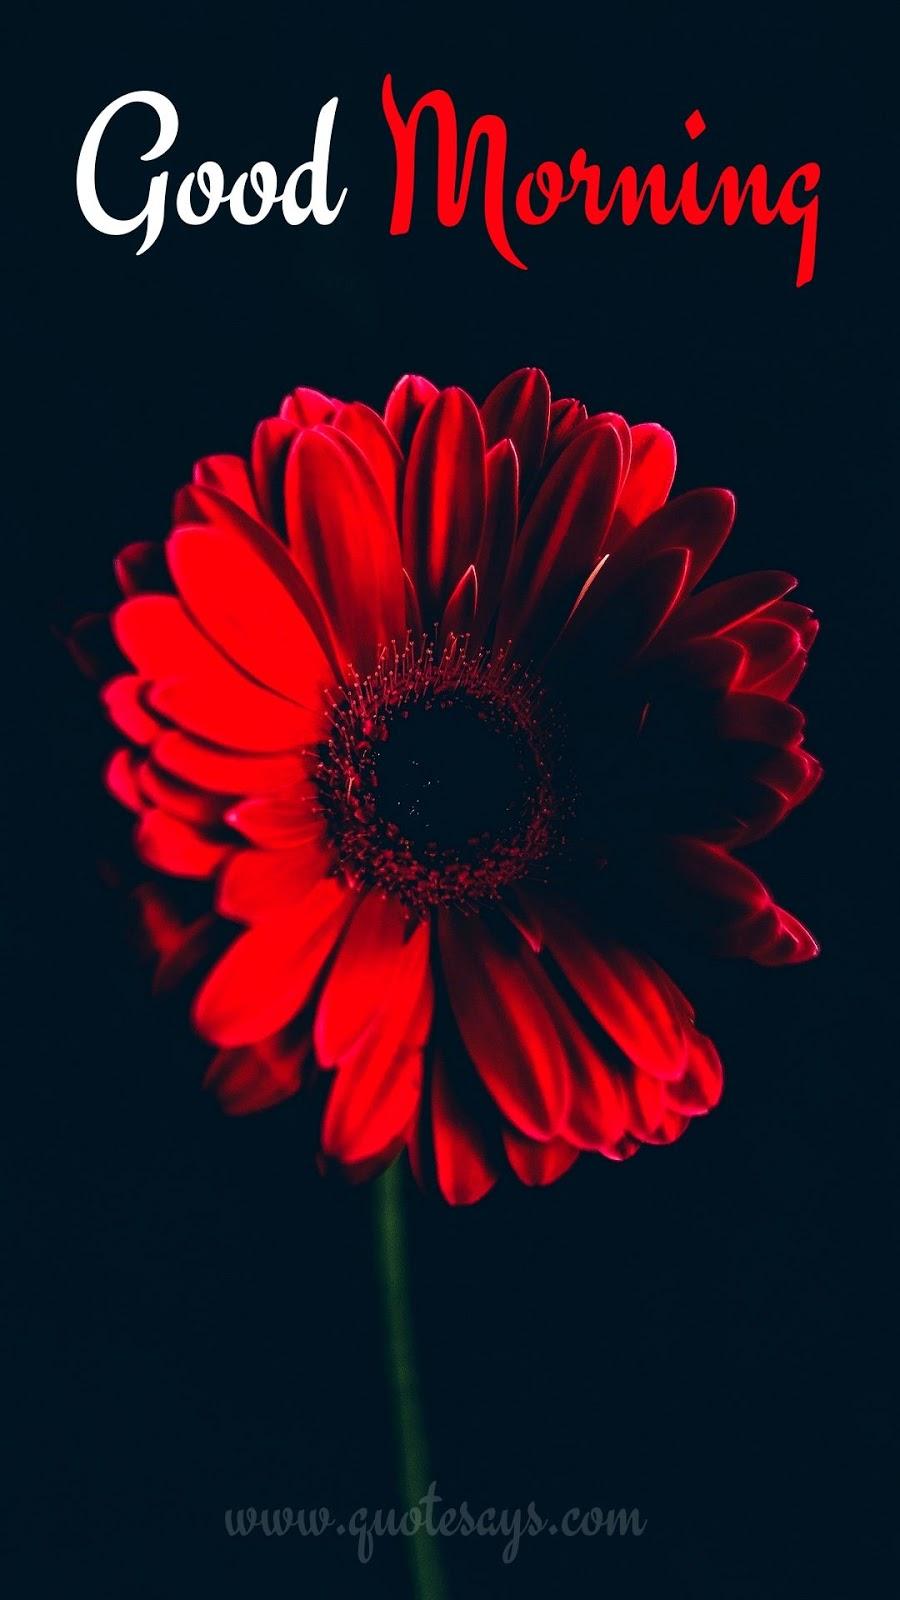 Good Morning Red Flower